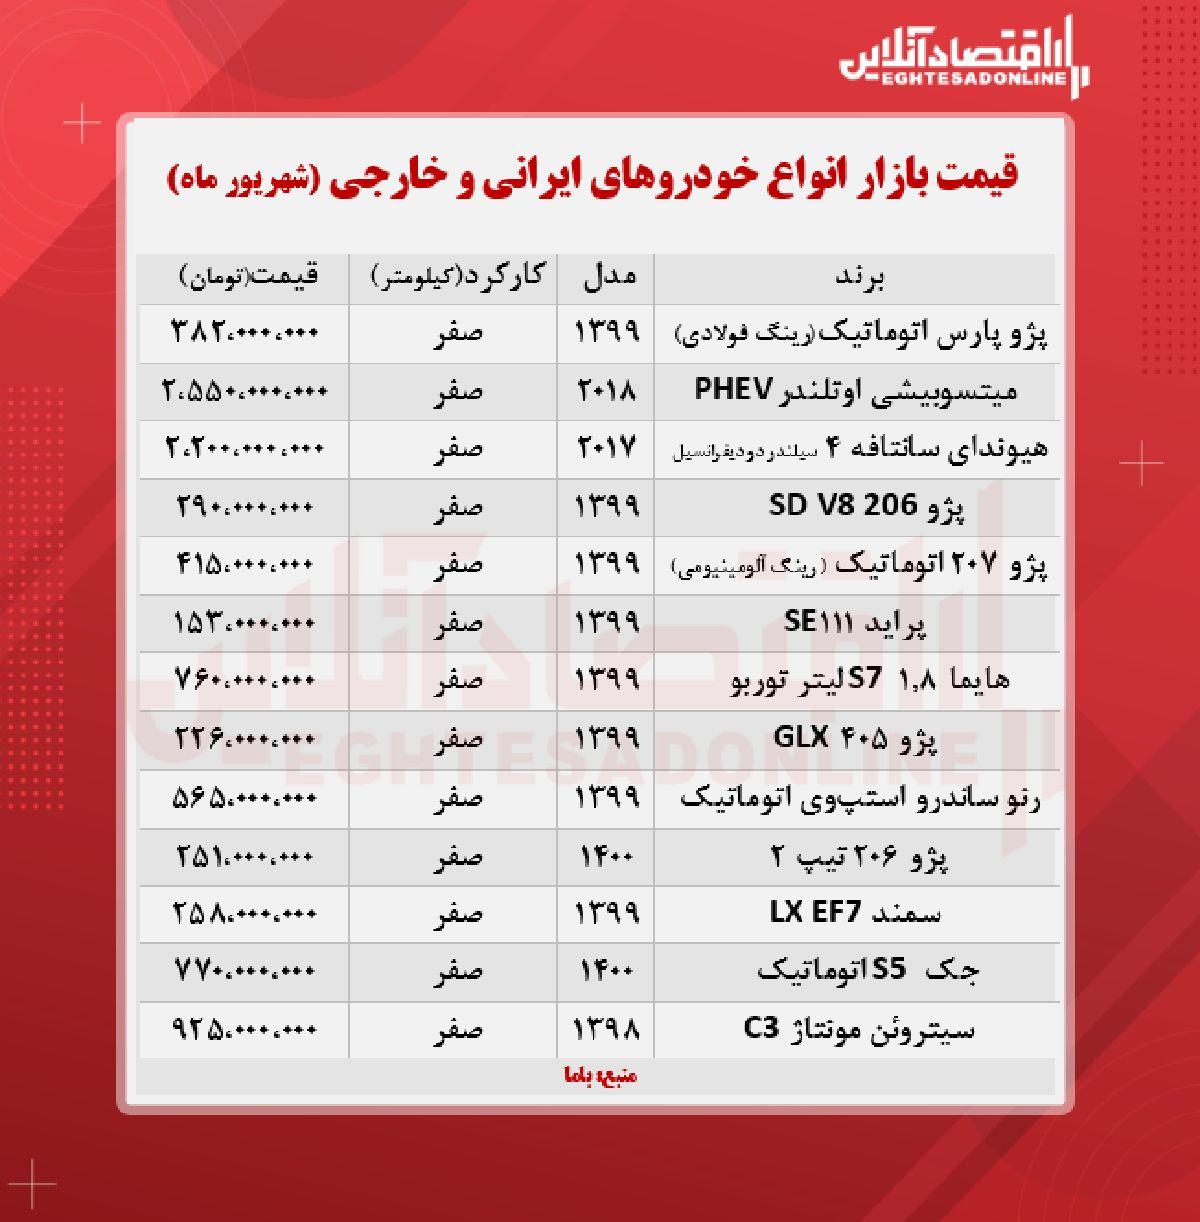 قیمت خودرو امروز ۱۴۰۰/۶/۱۴